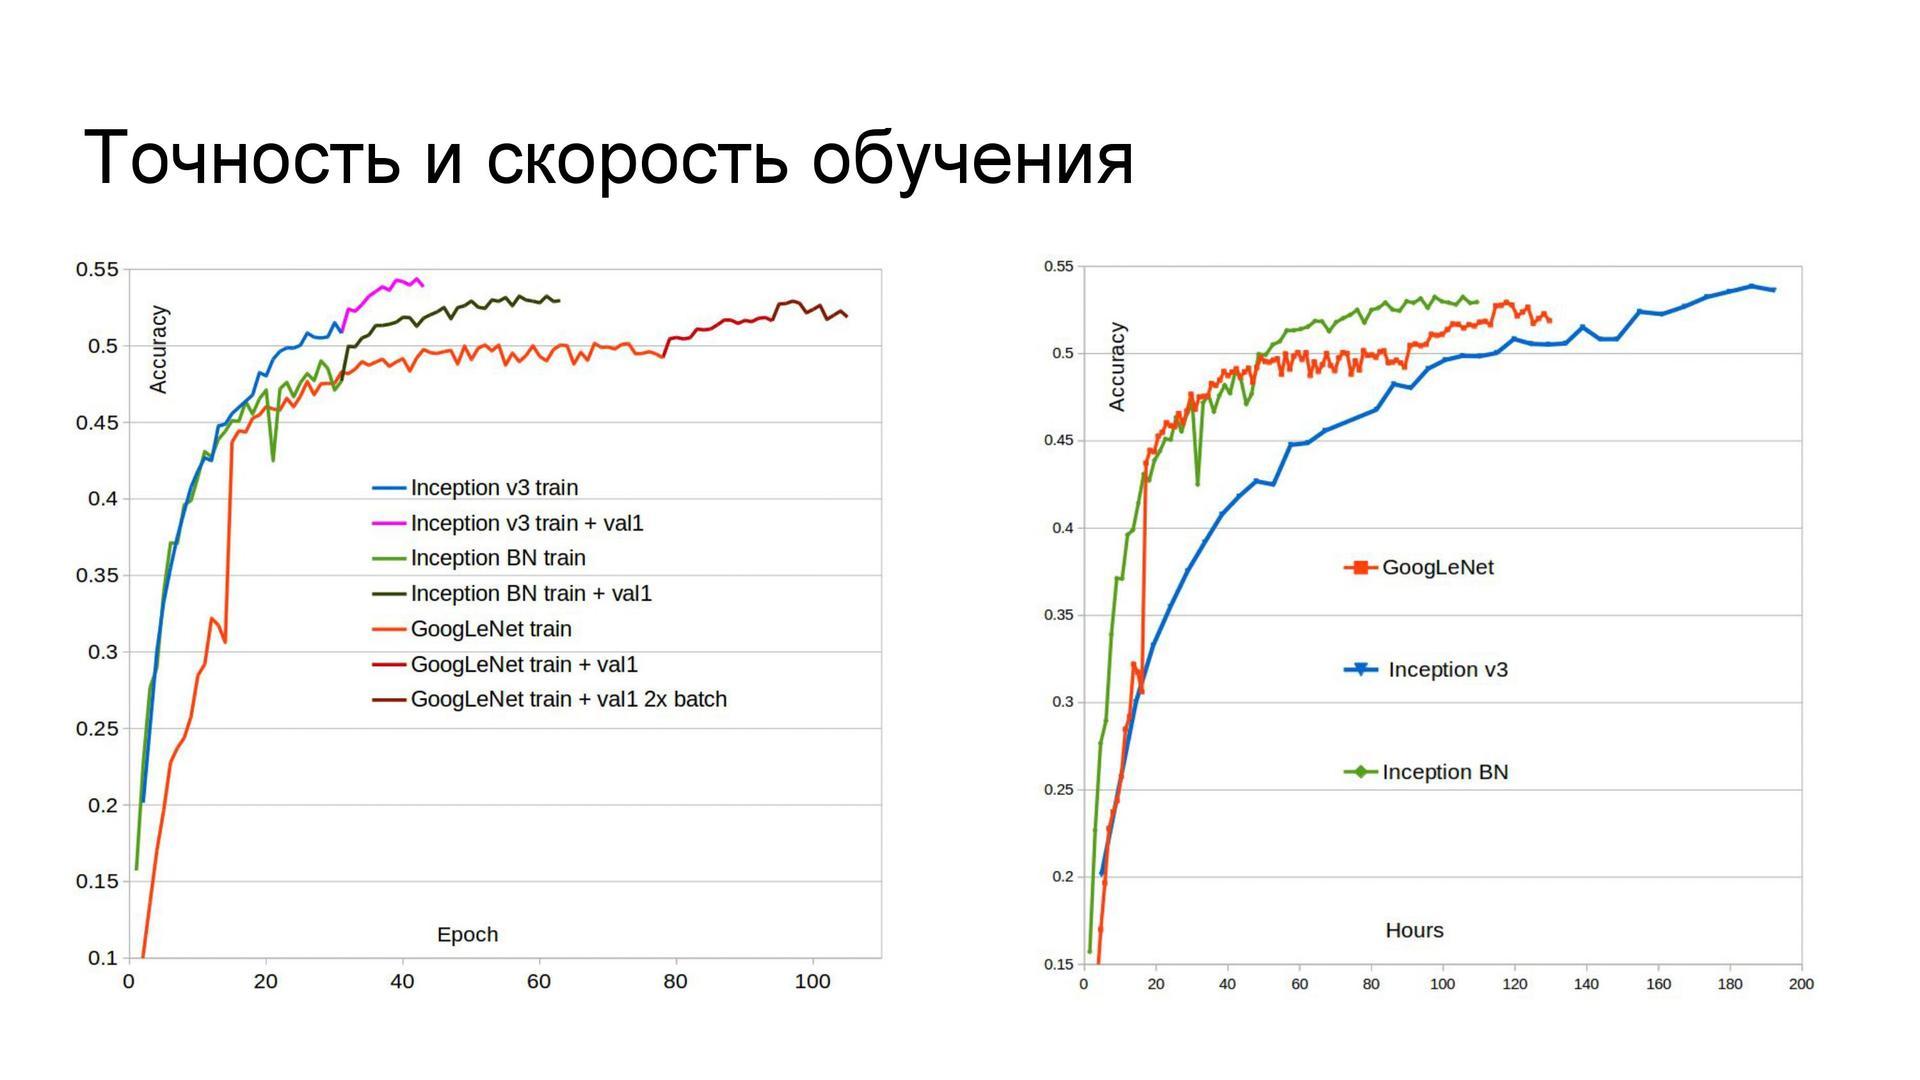 Спортивный анализ данных, или как стать специалистом по data science - 34